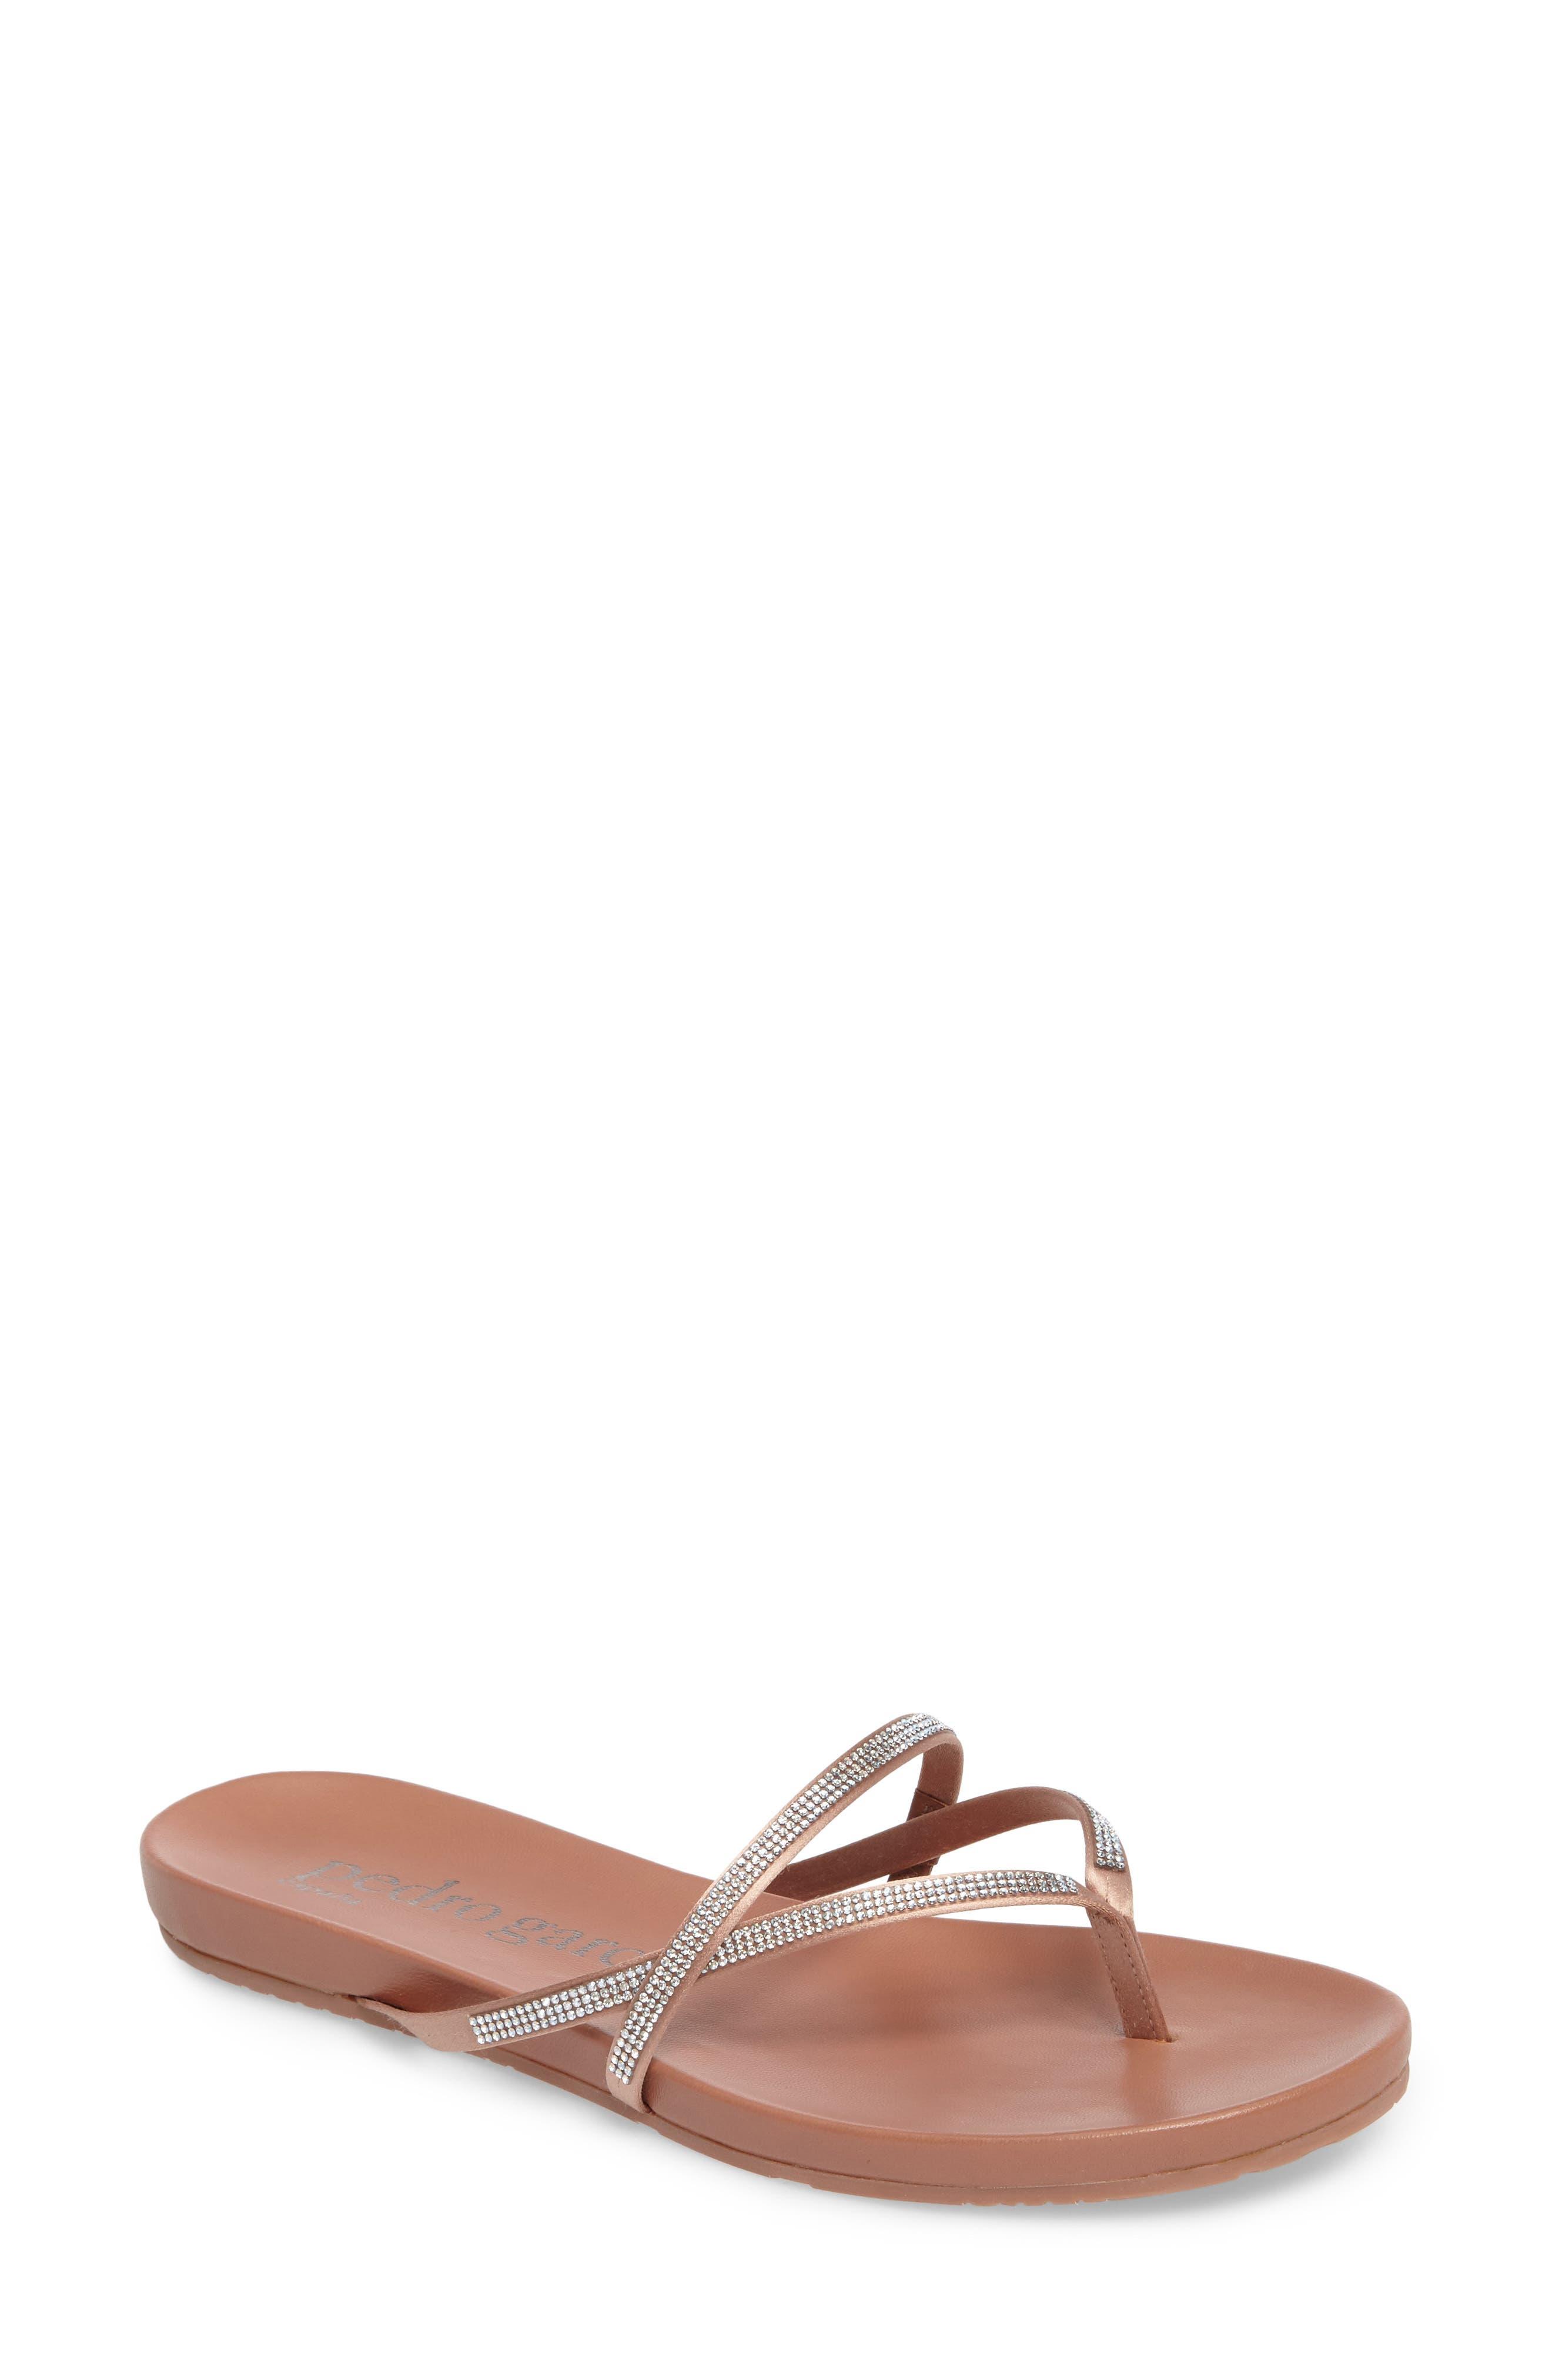 Giulia Crystal Embellished Sandal,                         Main,                         color, Bisque Satin